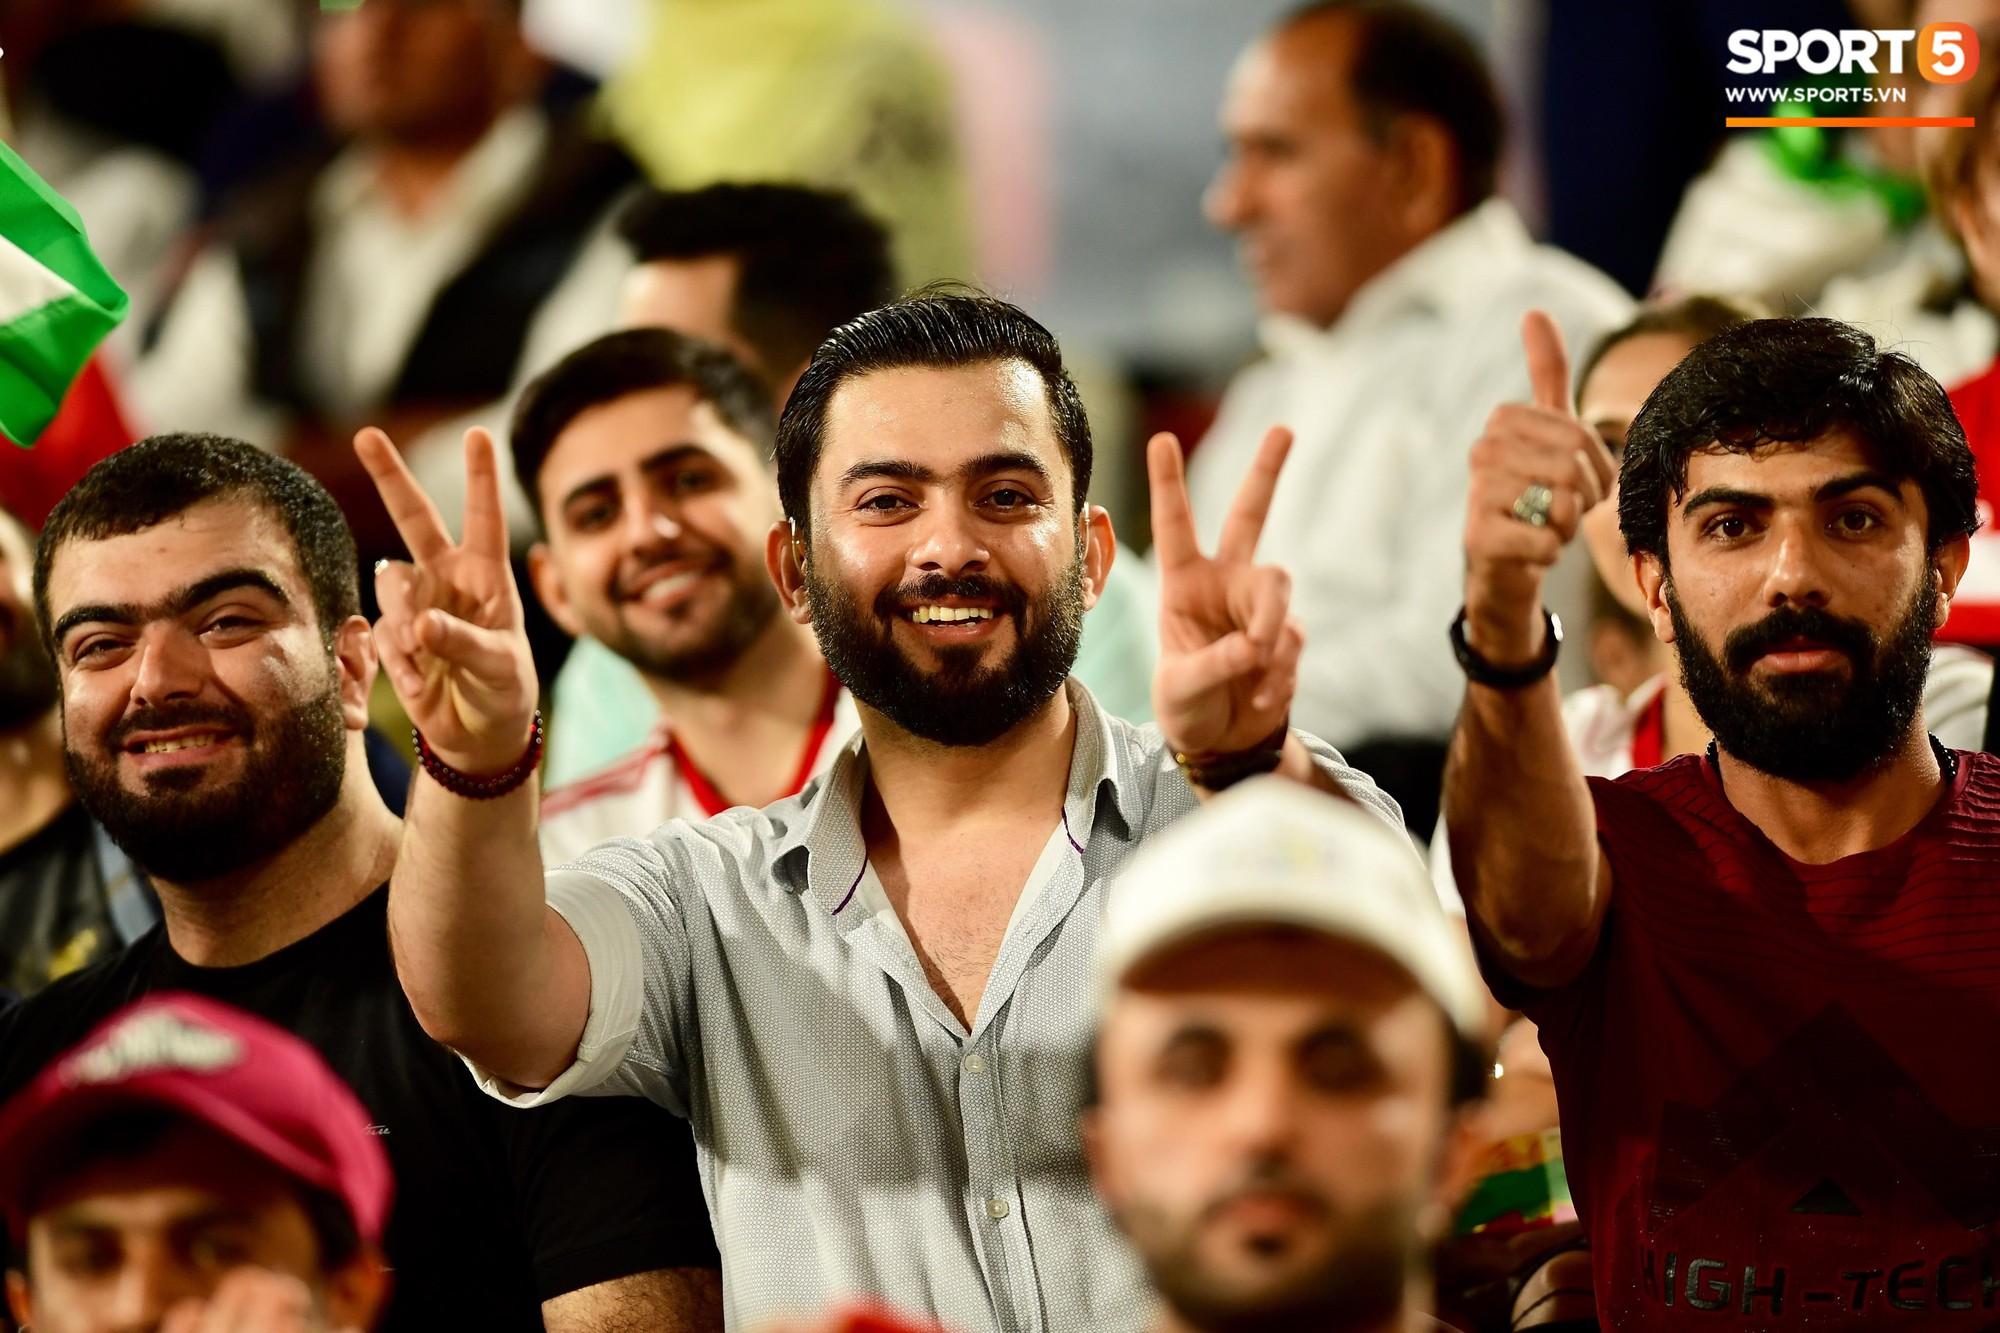 Ngất ngây với vẻ đẹp của fangirl Iran trong ngày đội nhà giành chiến thắng đậm trước Yemen - Ảnh 8.